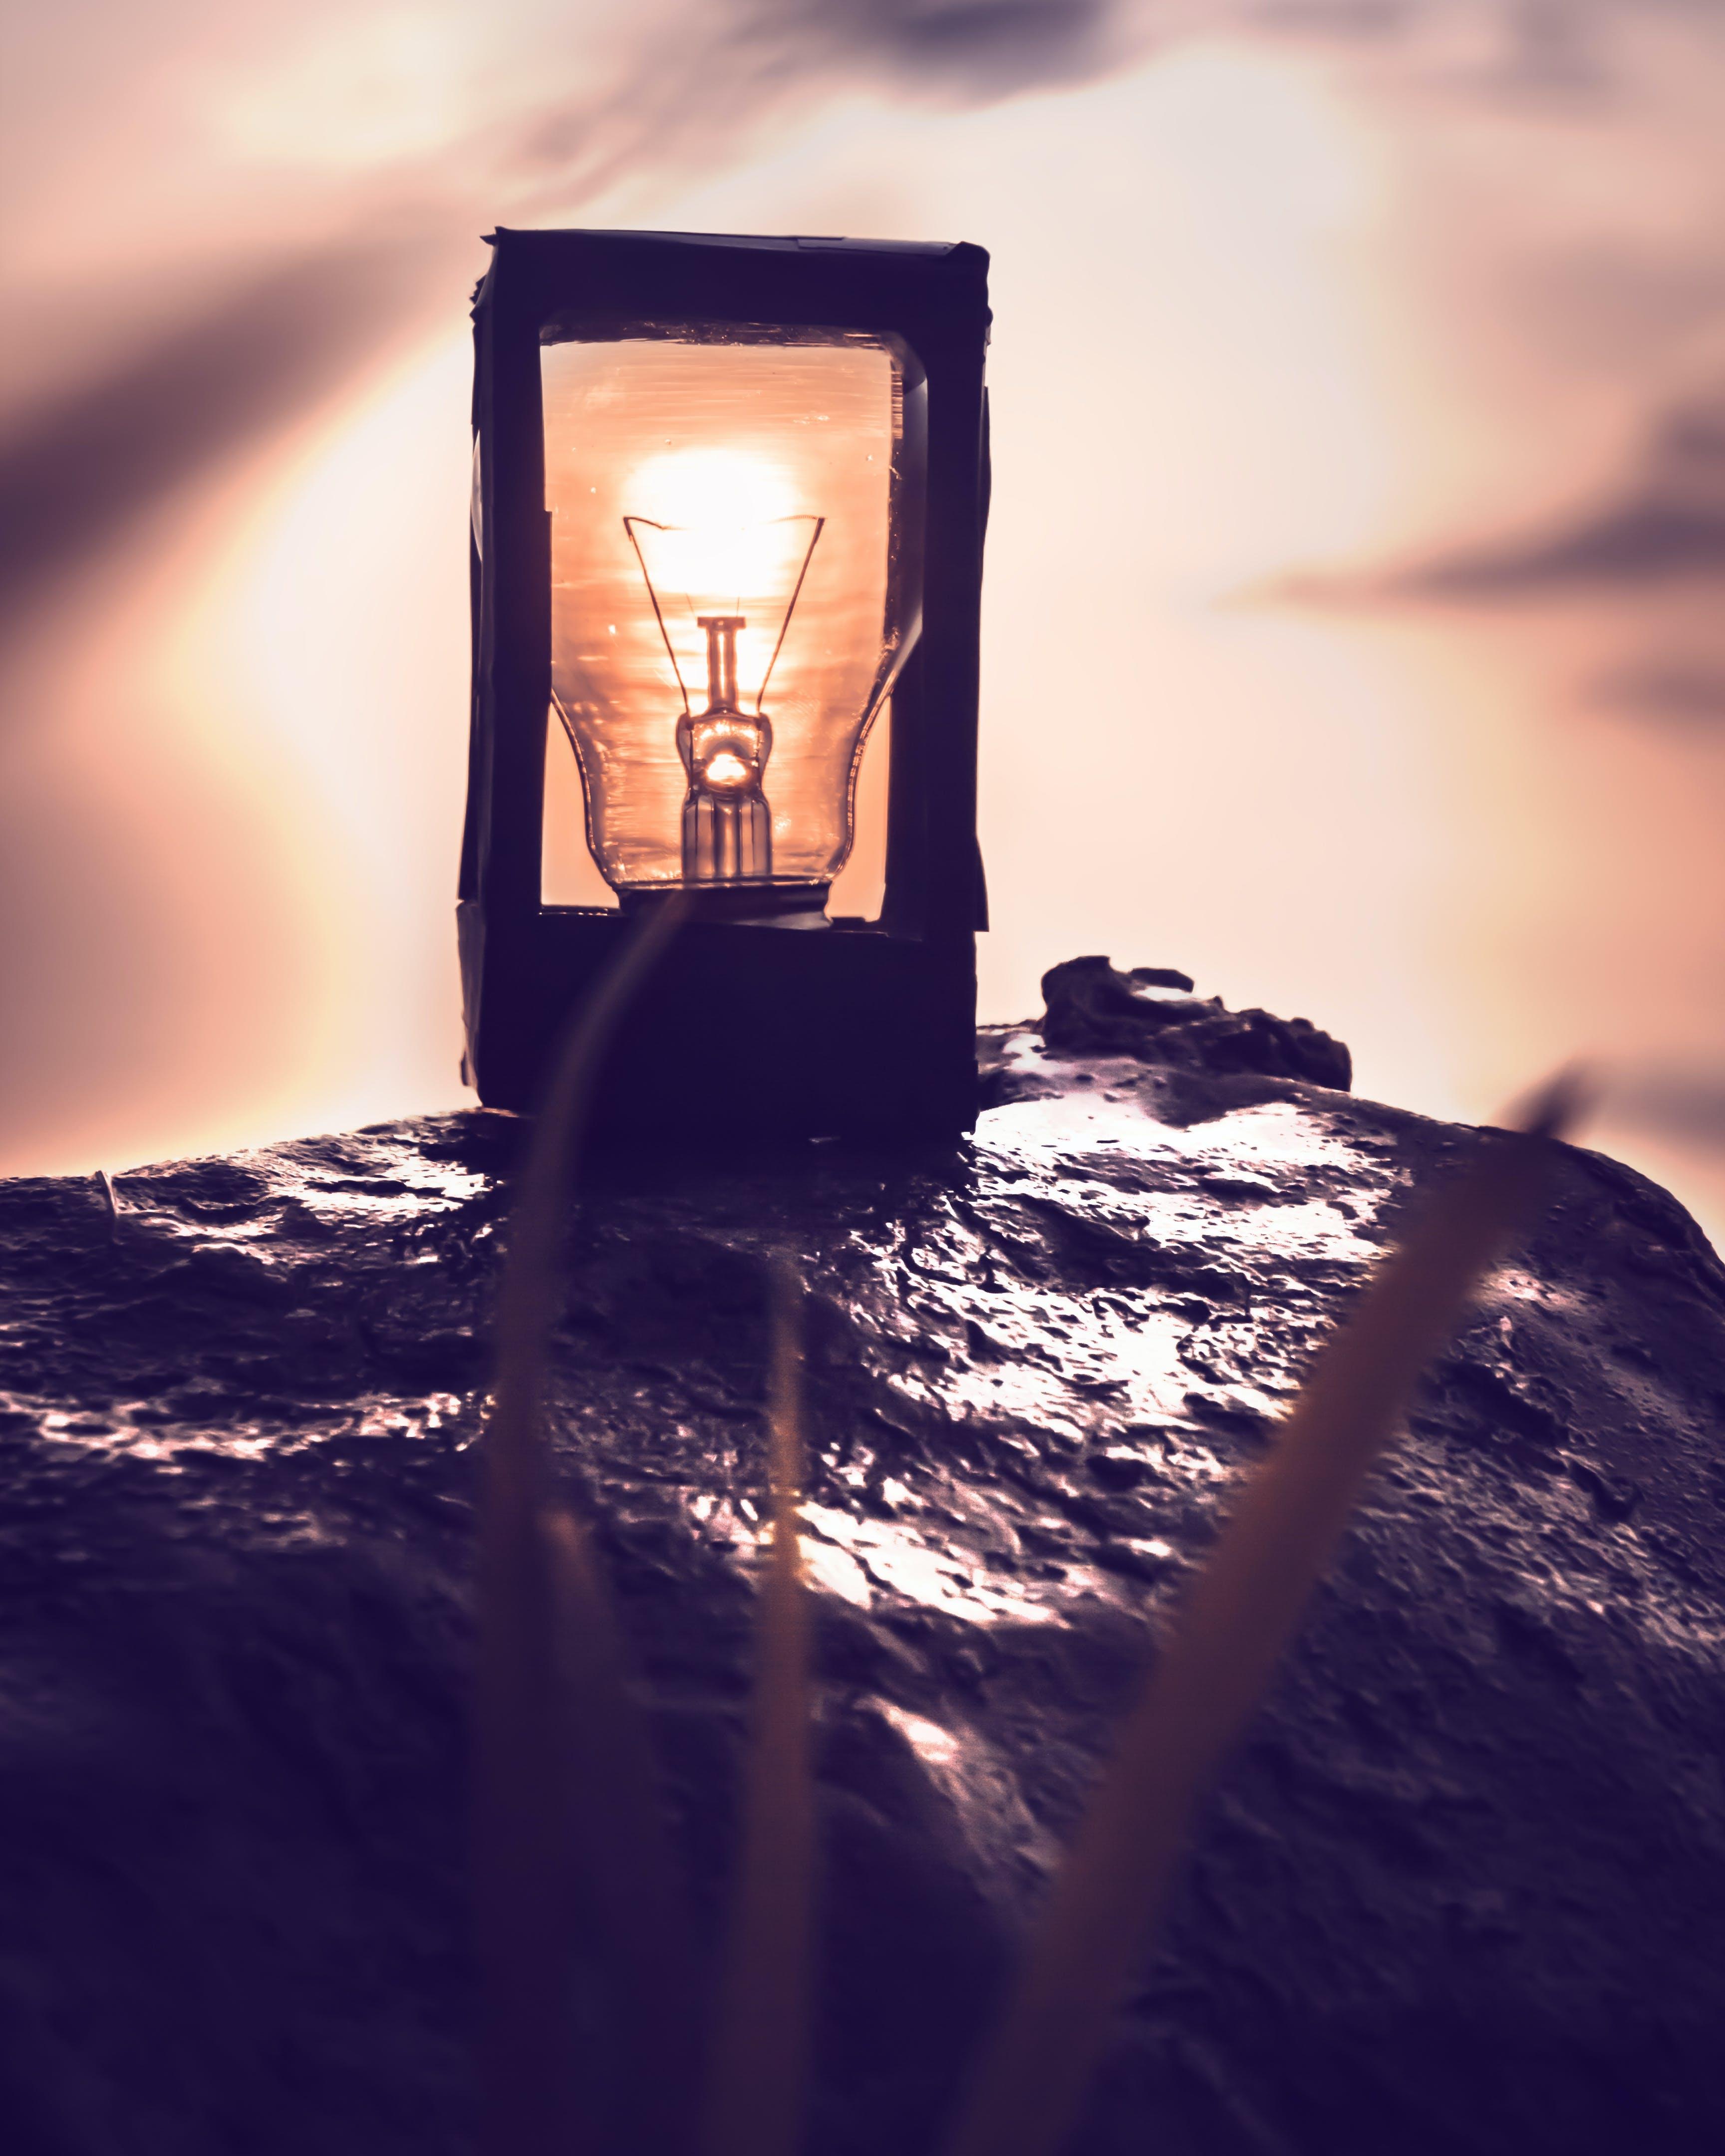 가벼운, 경치, 락, 램프의 무료 스톡 사진